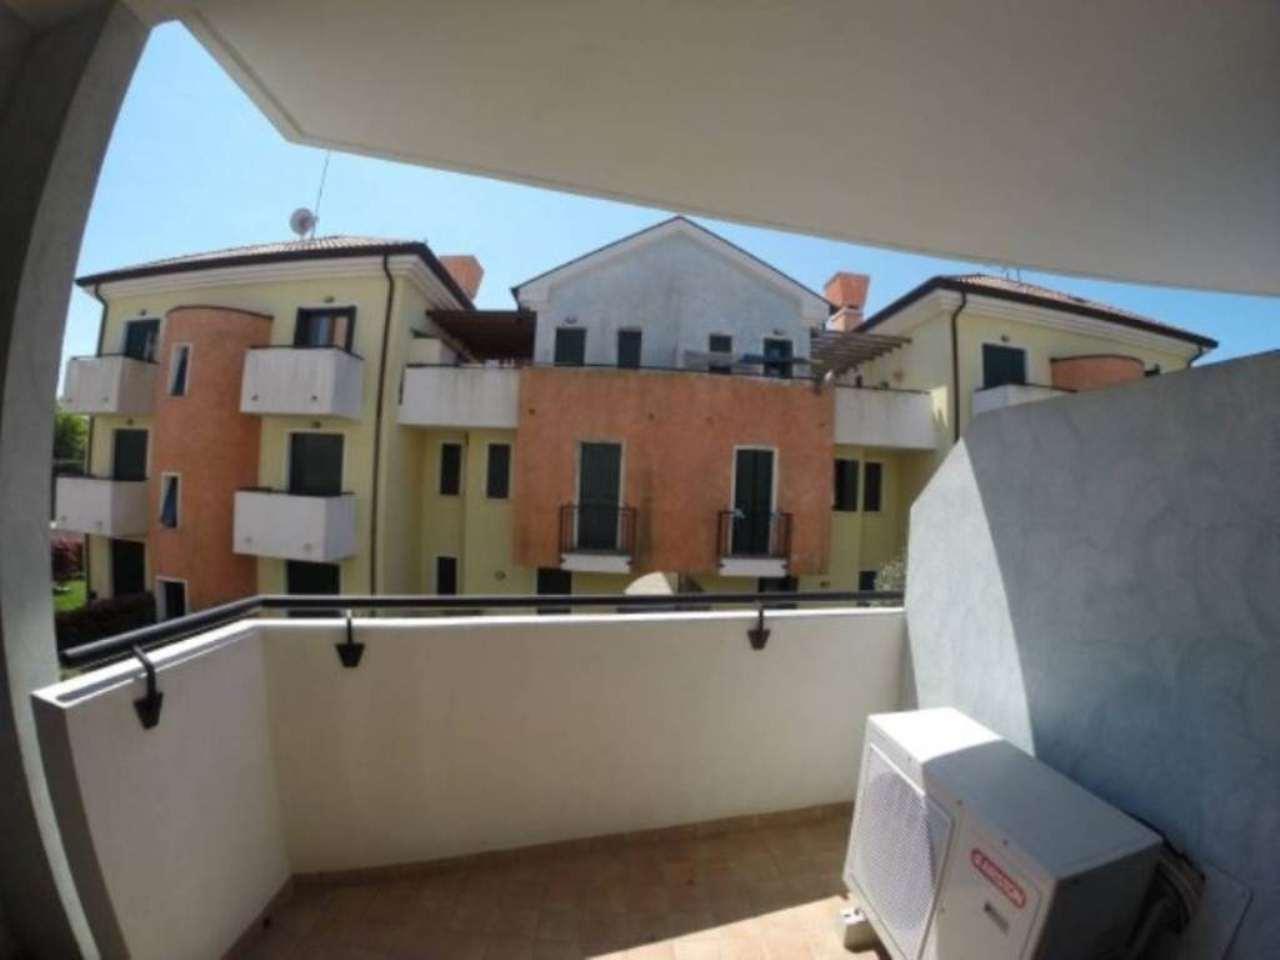 Palazzo / Stabile in Vendita a Cavallino-Treporti